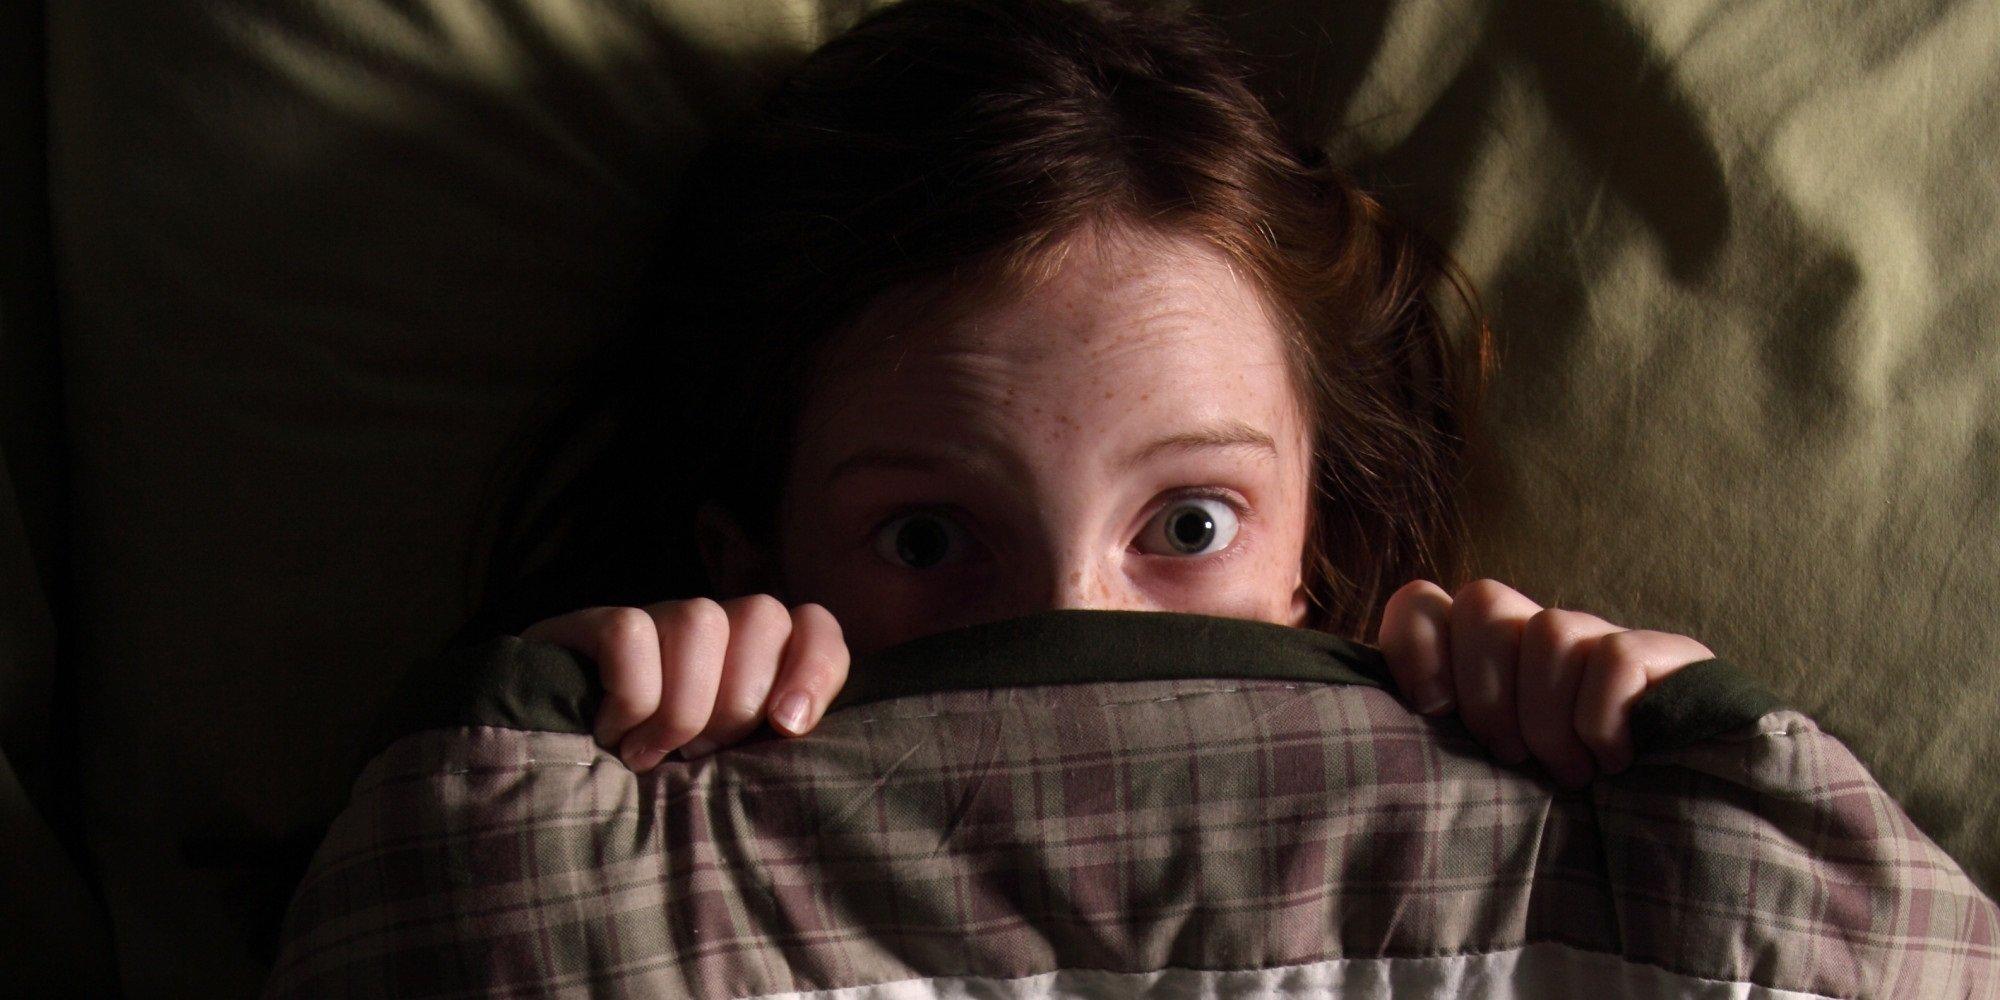 Почему дети боятся темноты и как им помочь?